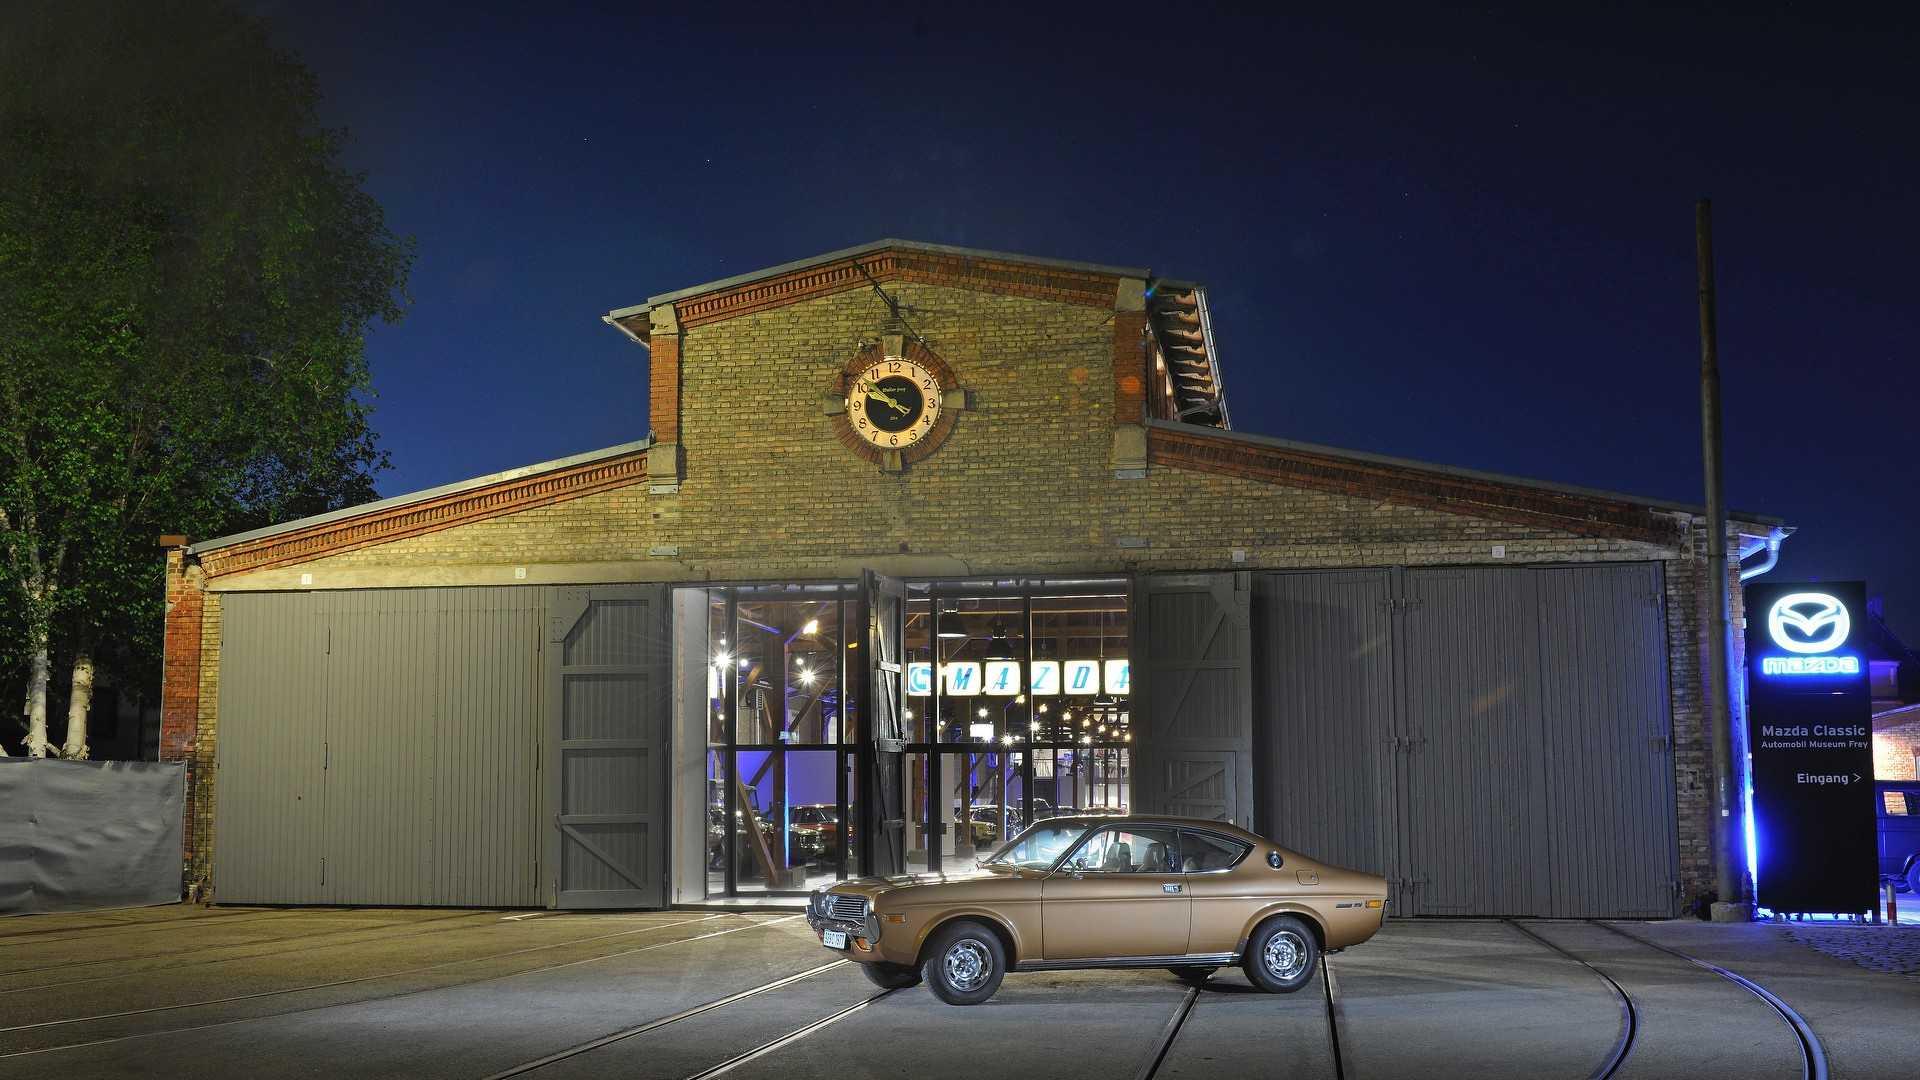 Mazda_classic_car_museum_01